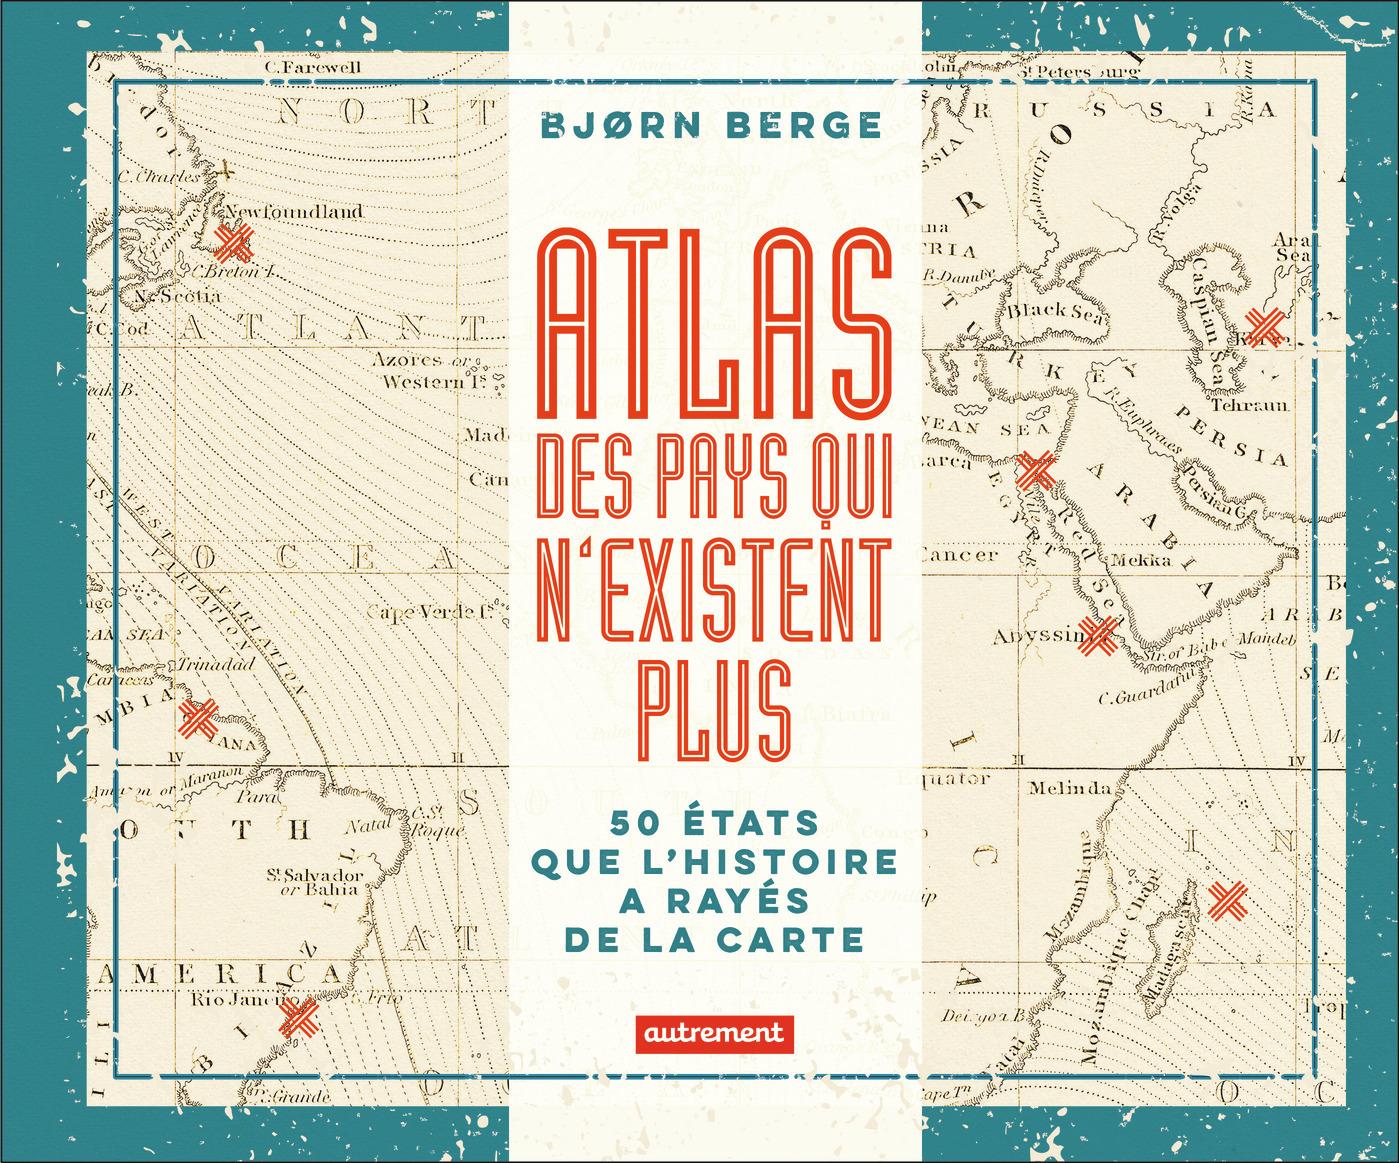 ATLAS DES PAYS QUI N'EXISTENT PLUS - 50 ETATS QUE L'HISTOIRE A RAYES DE LA CARTE